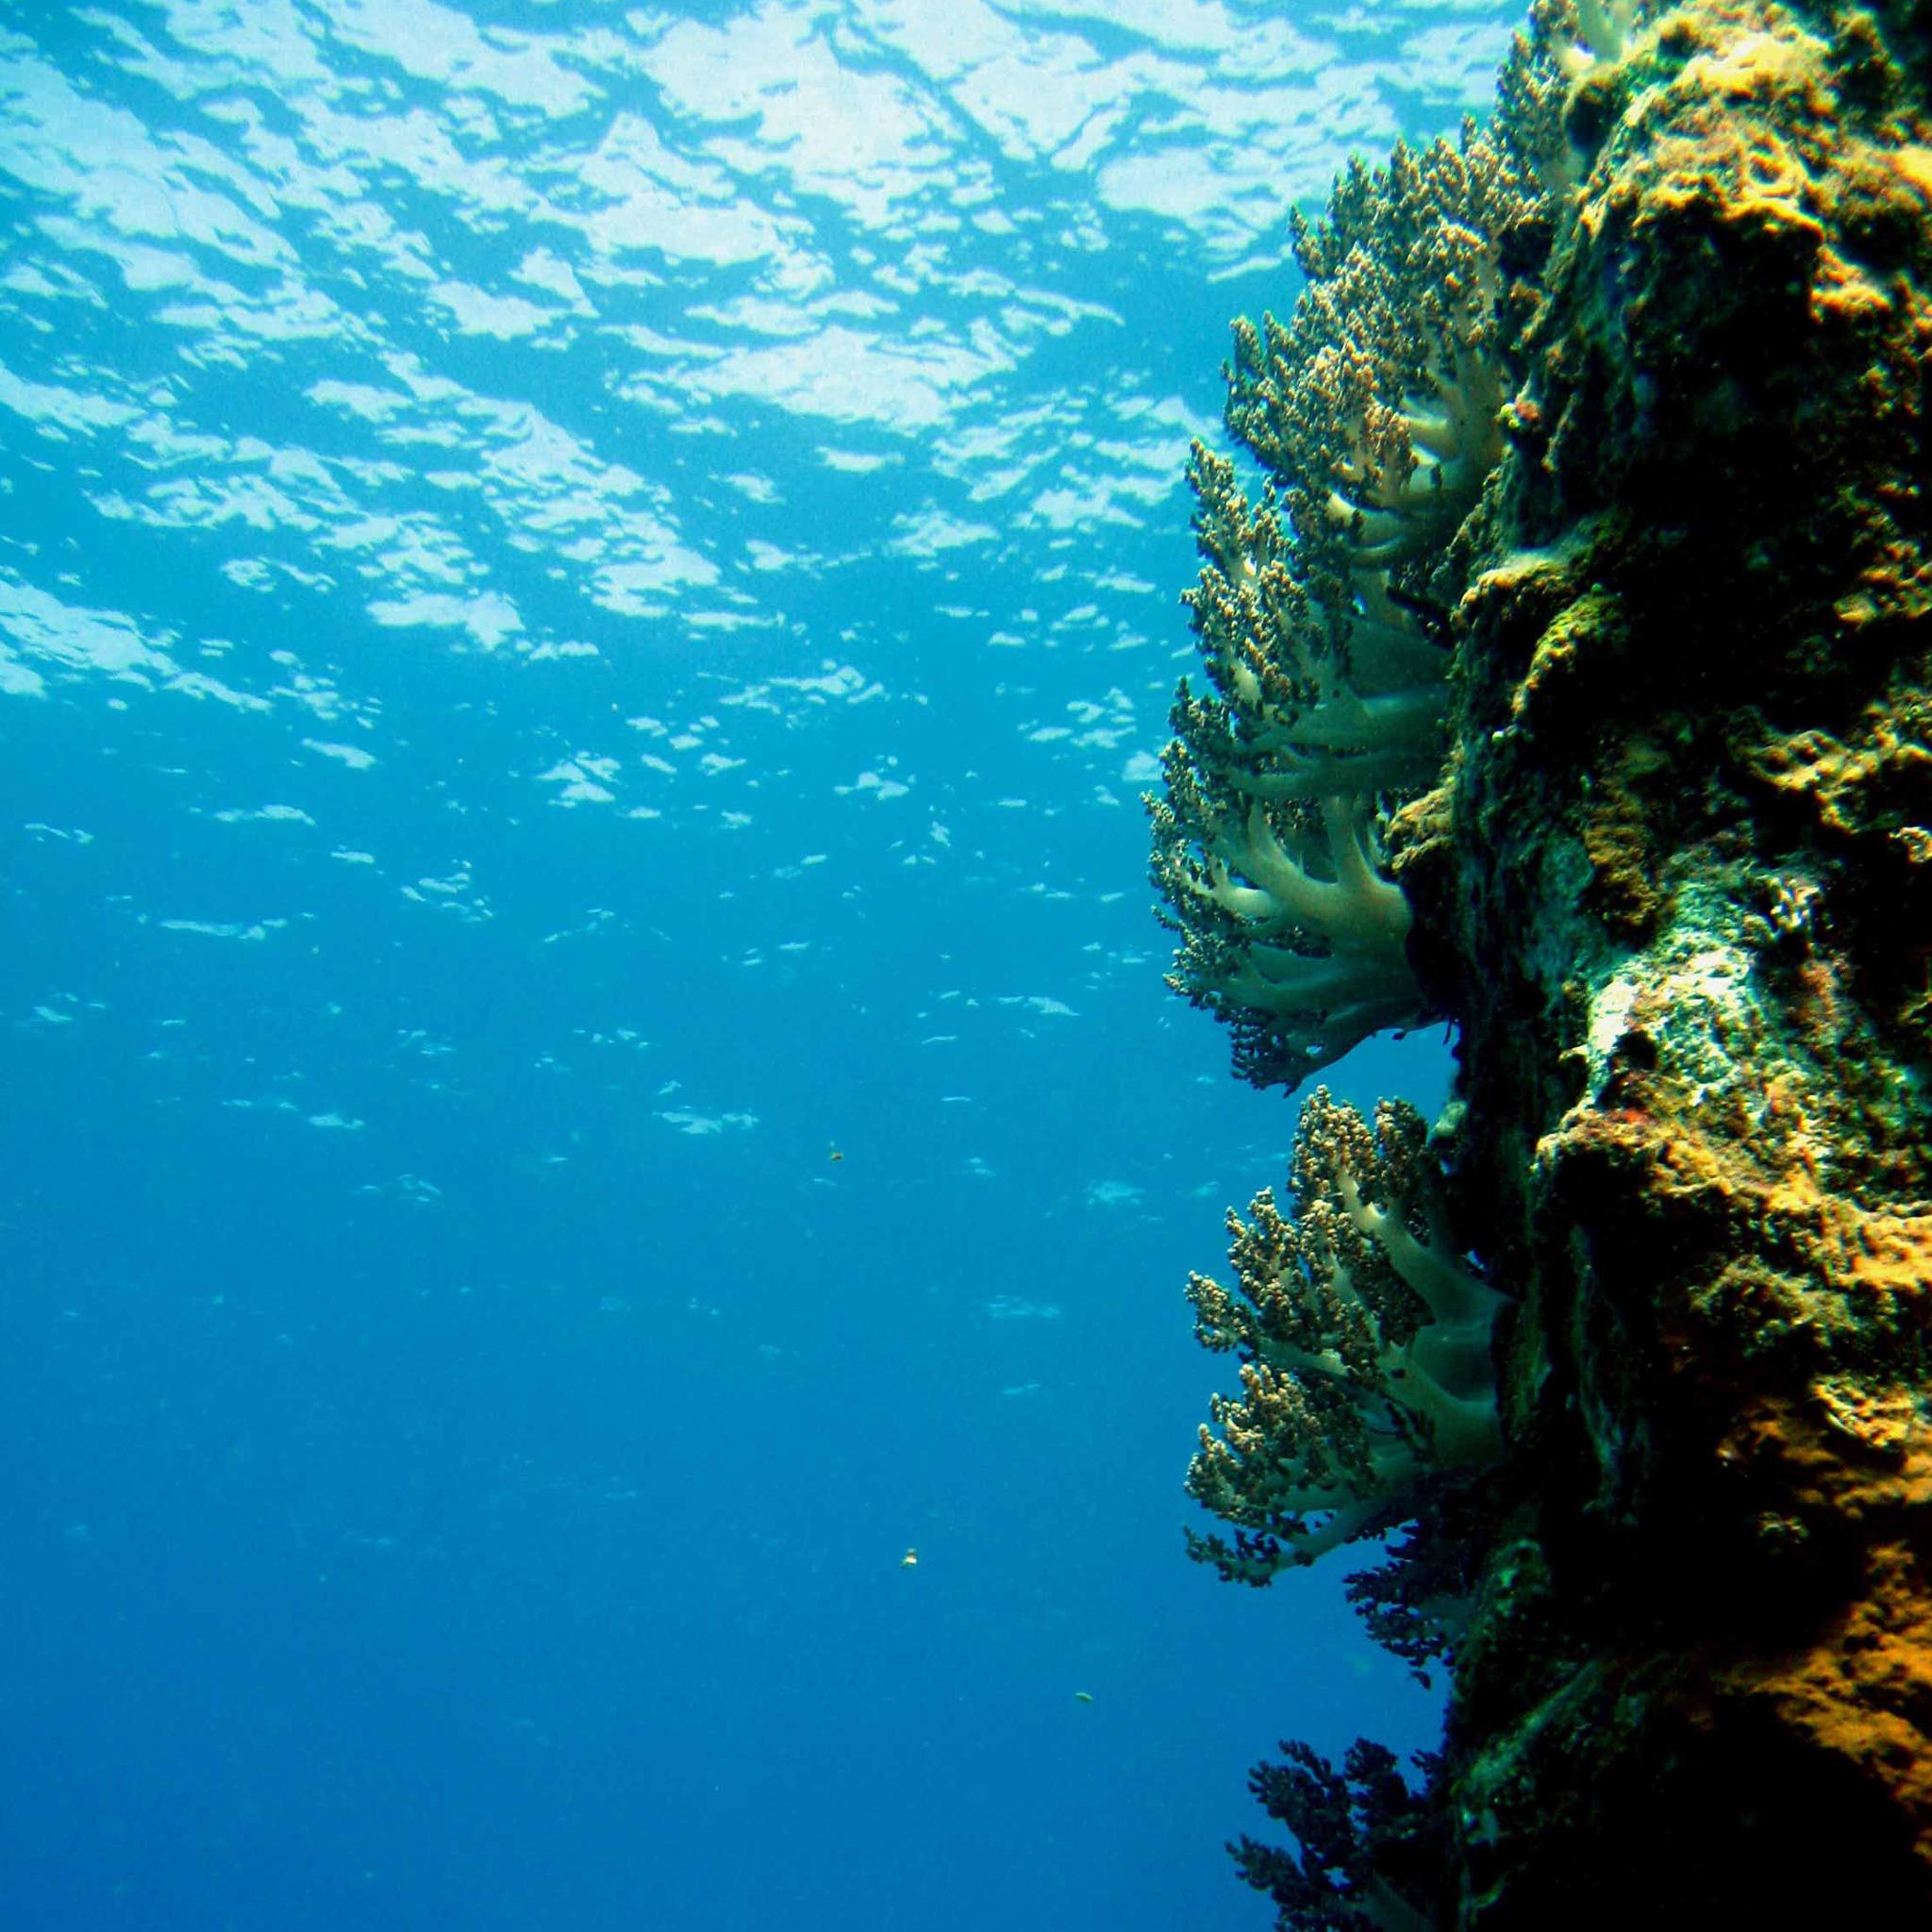 Ocean Diving 3Wallpapers iPad Retina Ocean Diving   iPad Retina